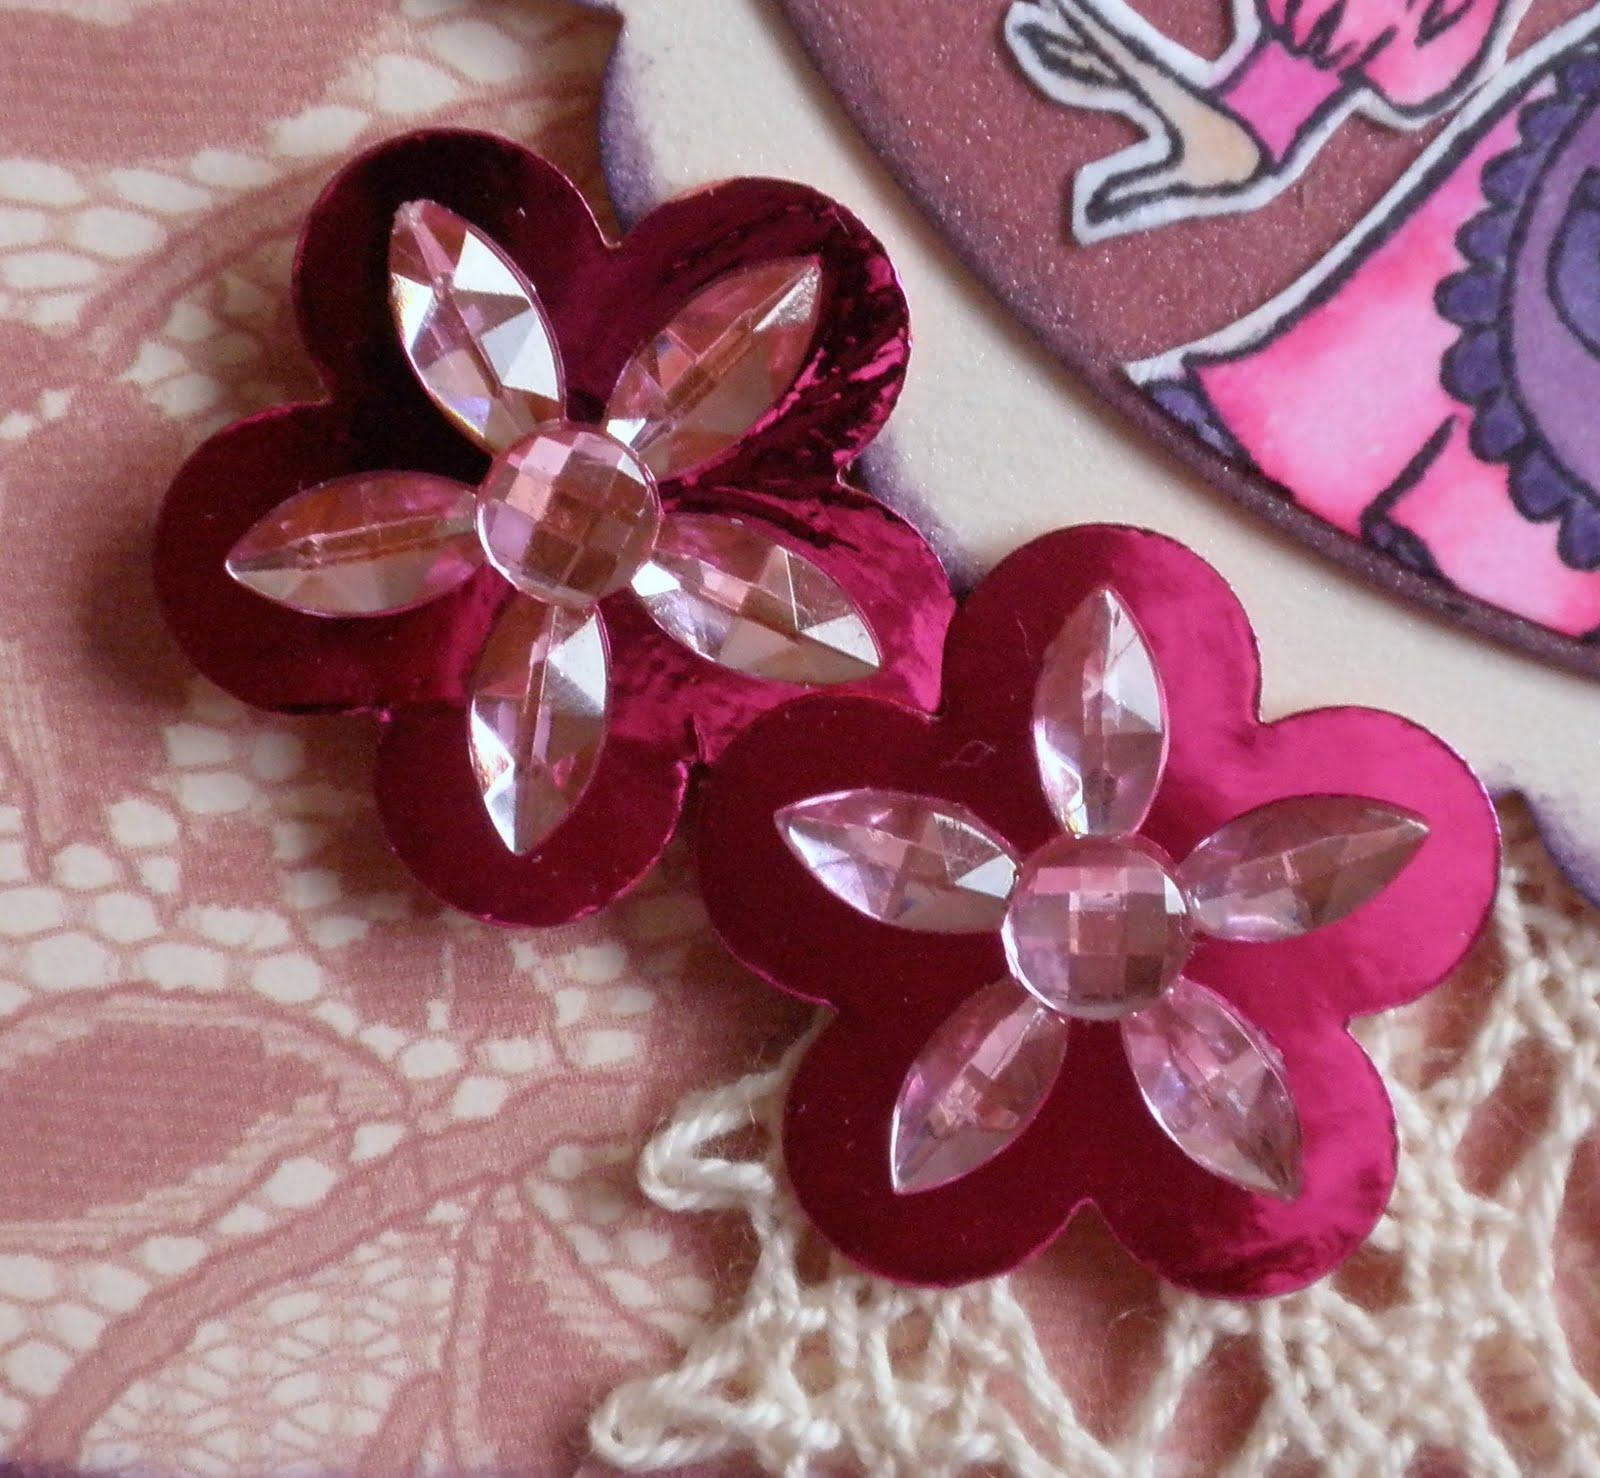 http://1.bp.blogspot.com/_bgTNKqAVcz0/TE_Og6hoUnI/AAAAAAAABP4/OFM-M3g5fyY/s1600/tps+lil+lolita+ivy+006.JPG